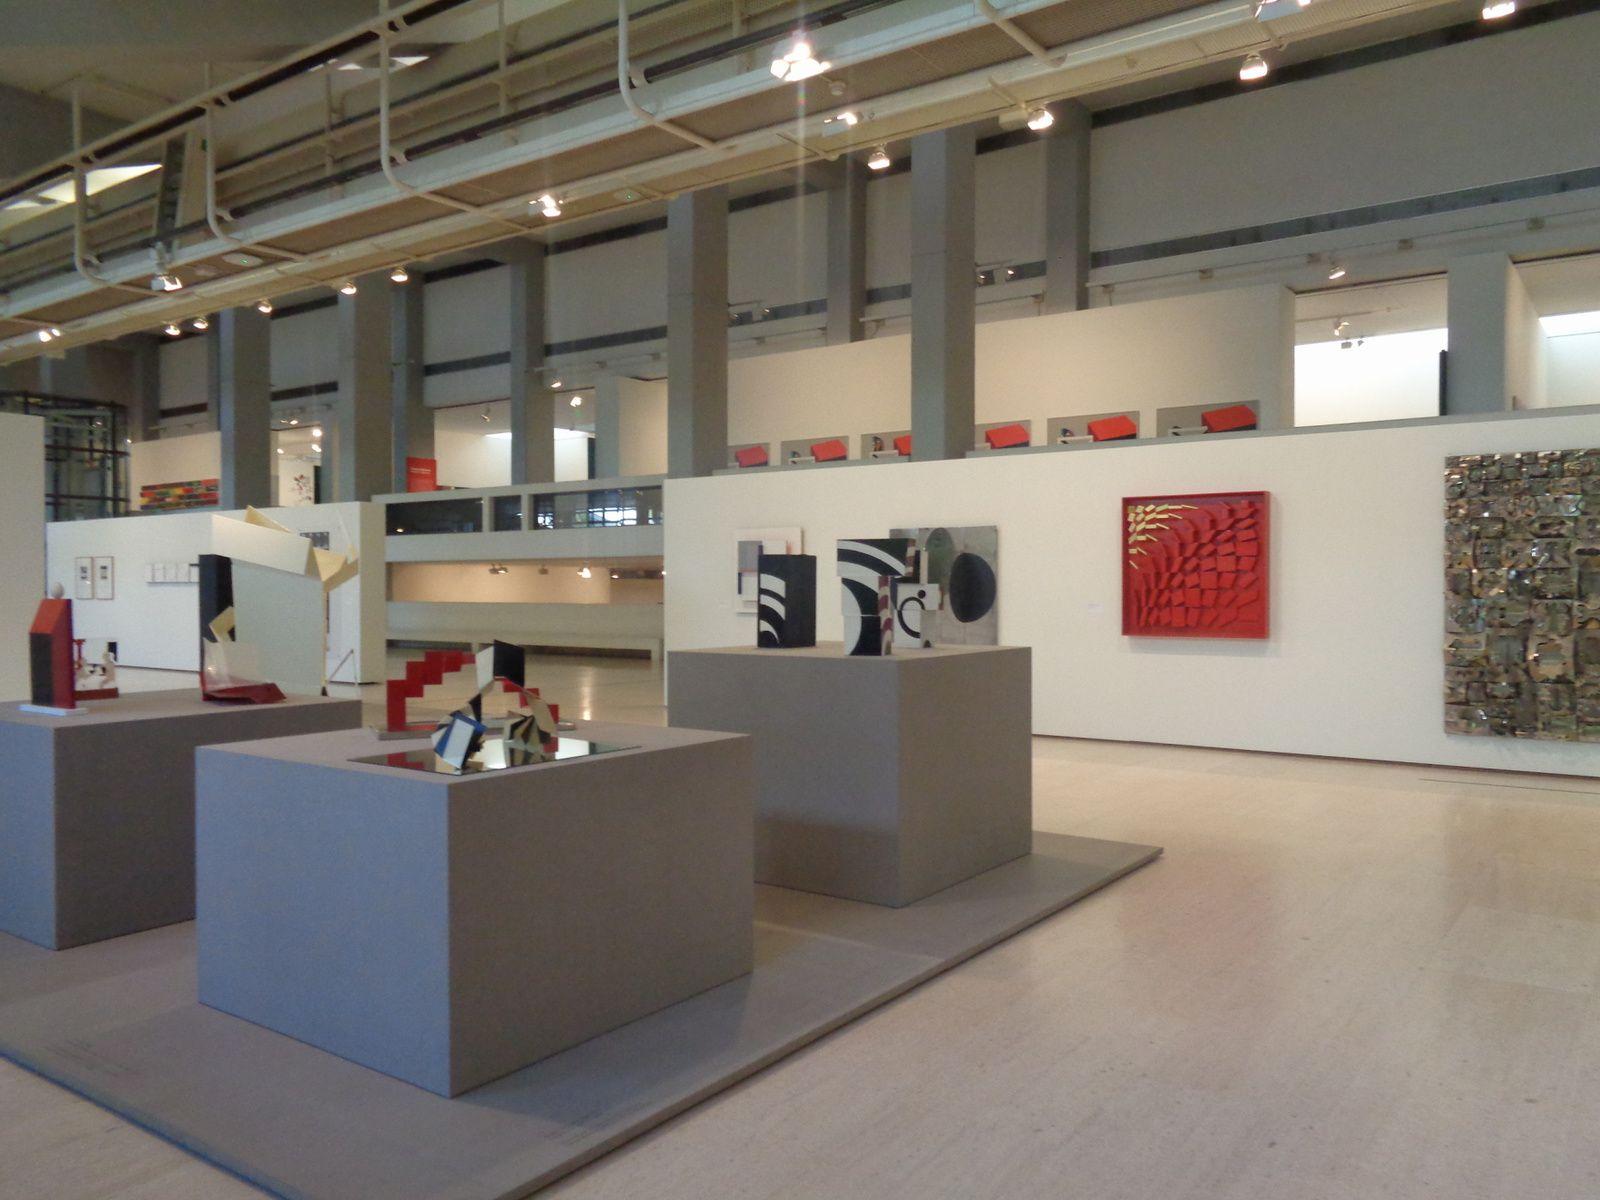 Lisbonne - Le musée Calouste Gulbenkian (6) - Moderne